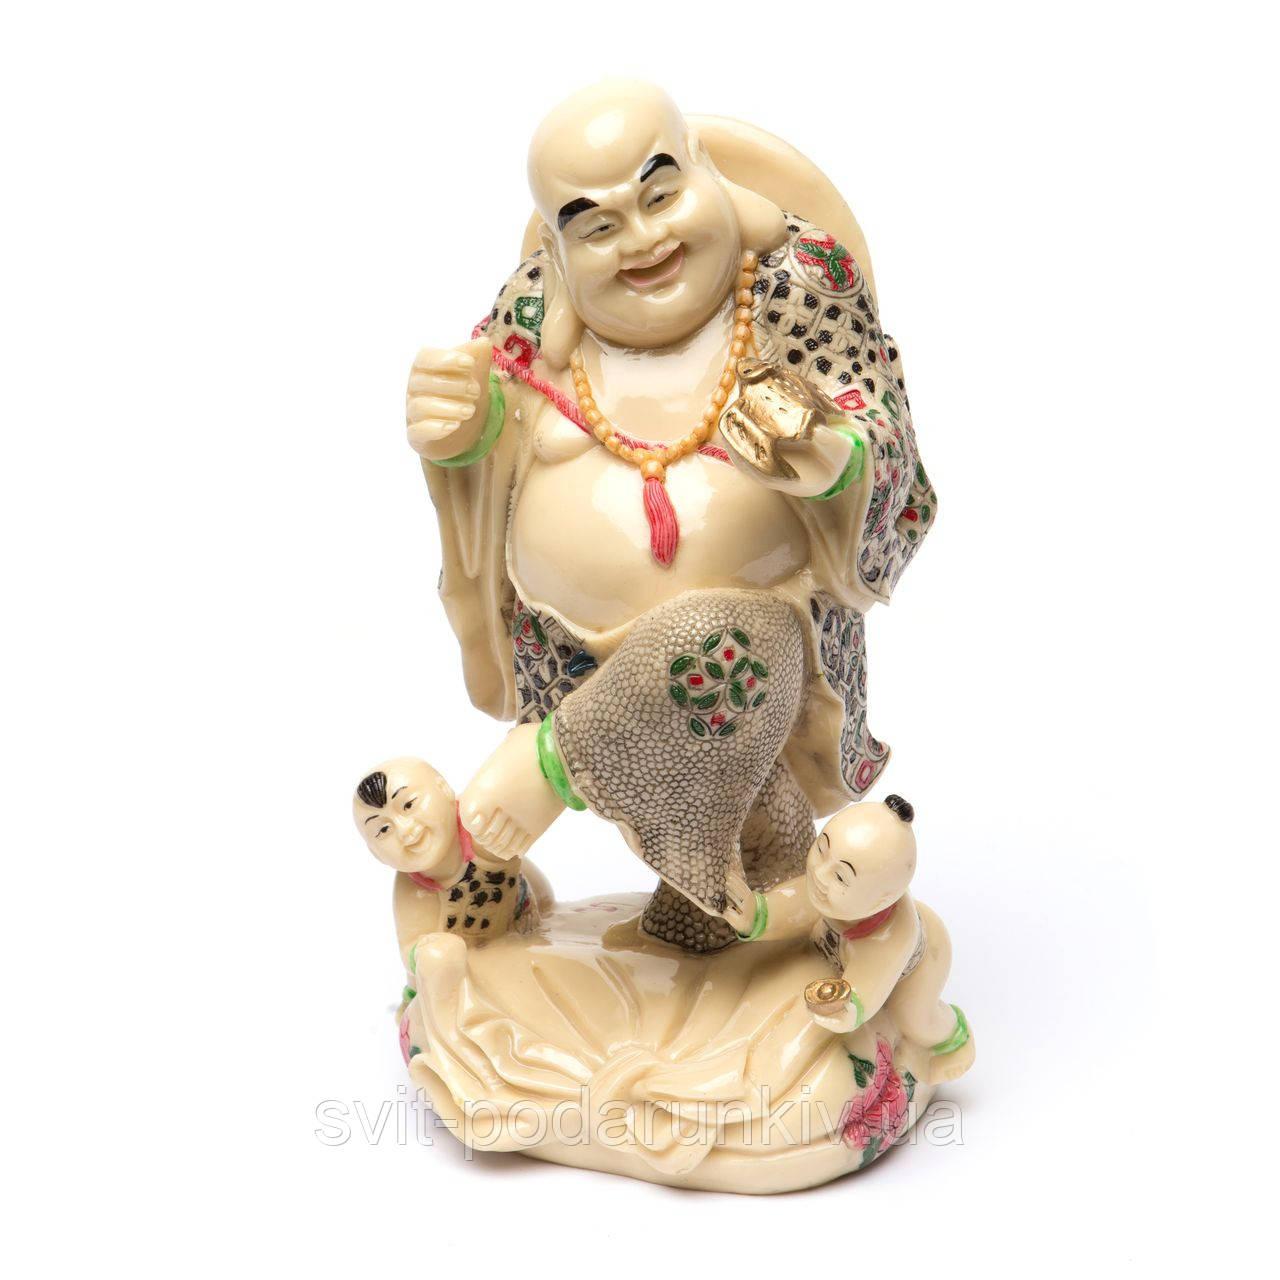 Статуэтка Будды который держит в руке золотой слиток к богатству S8063